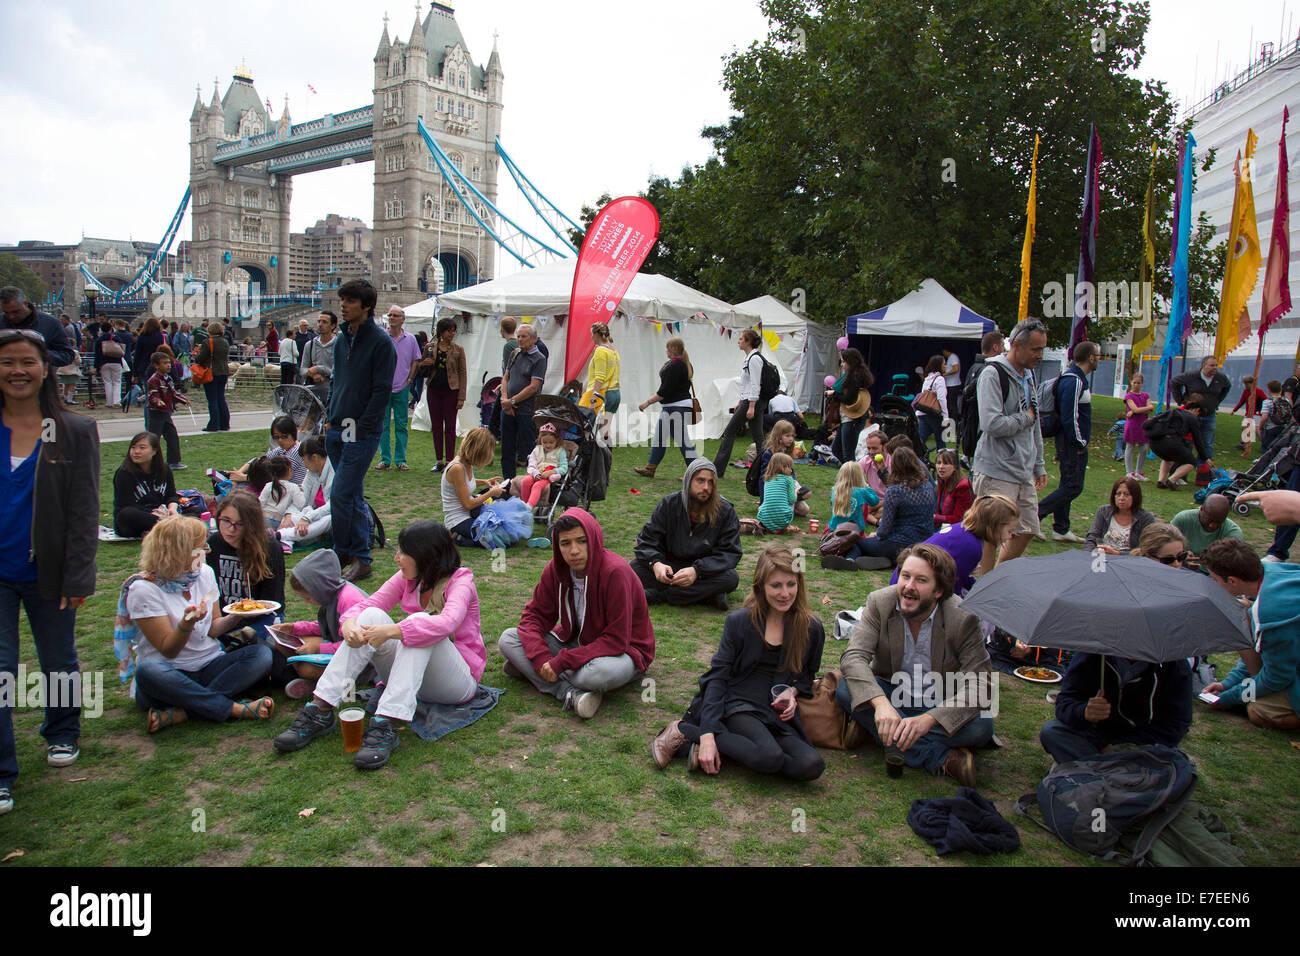 Rassemblement de personnes pour se détendre, écouter les bandes et d'autres activités au Village du ruban bleu. Festival Thames London UK. Banque D'Images